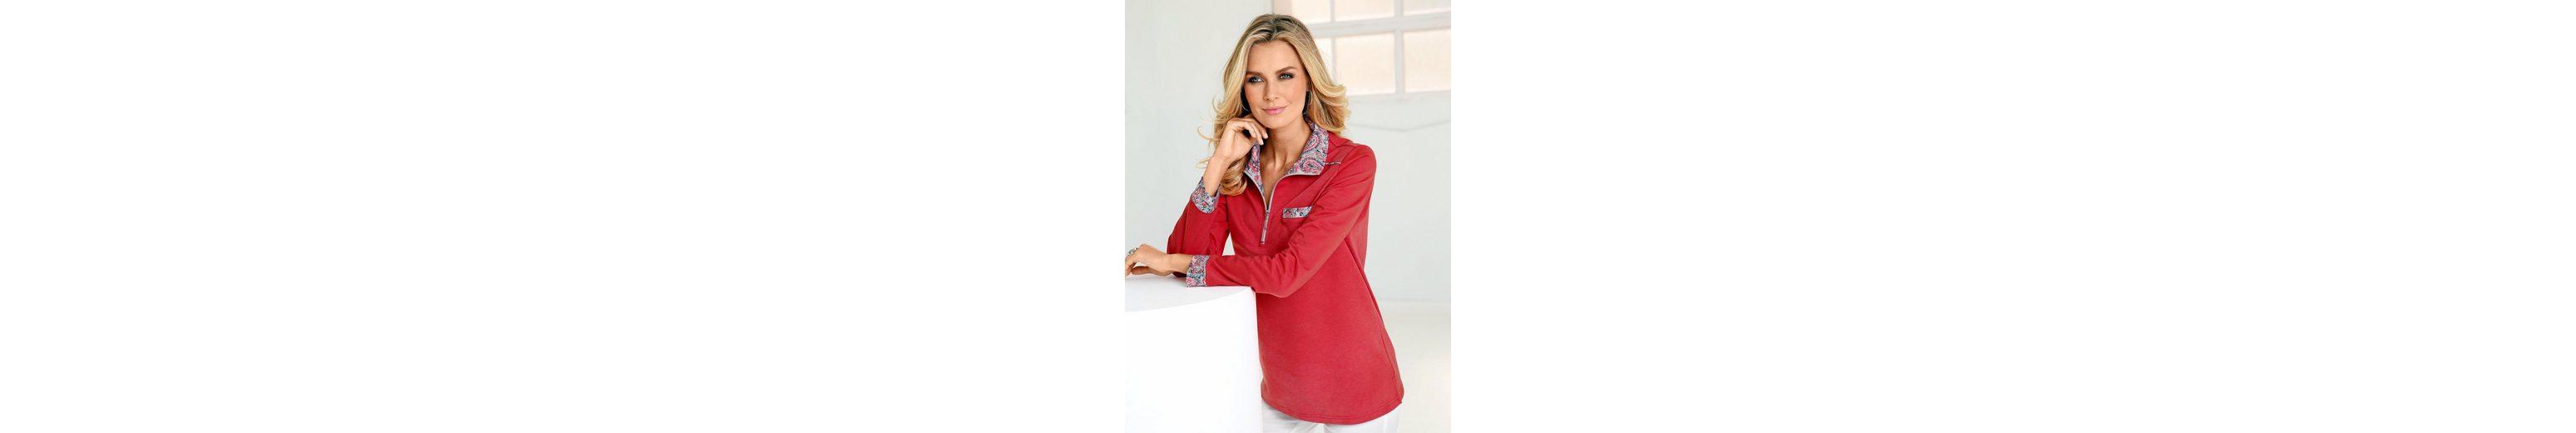 Paola Sweatshirt mit Paisleydruck Verkauf 2018 Erhalten Günstig Online Kaufen Verkauf Nicekicks Spielraum 2018 Unisex Freies Verschiffen Visum Zahlung 3wNolOo